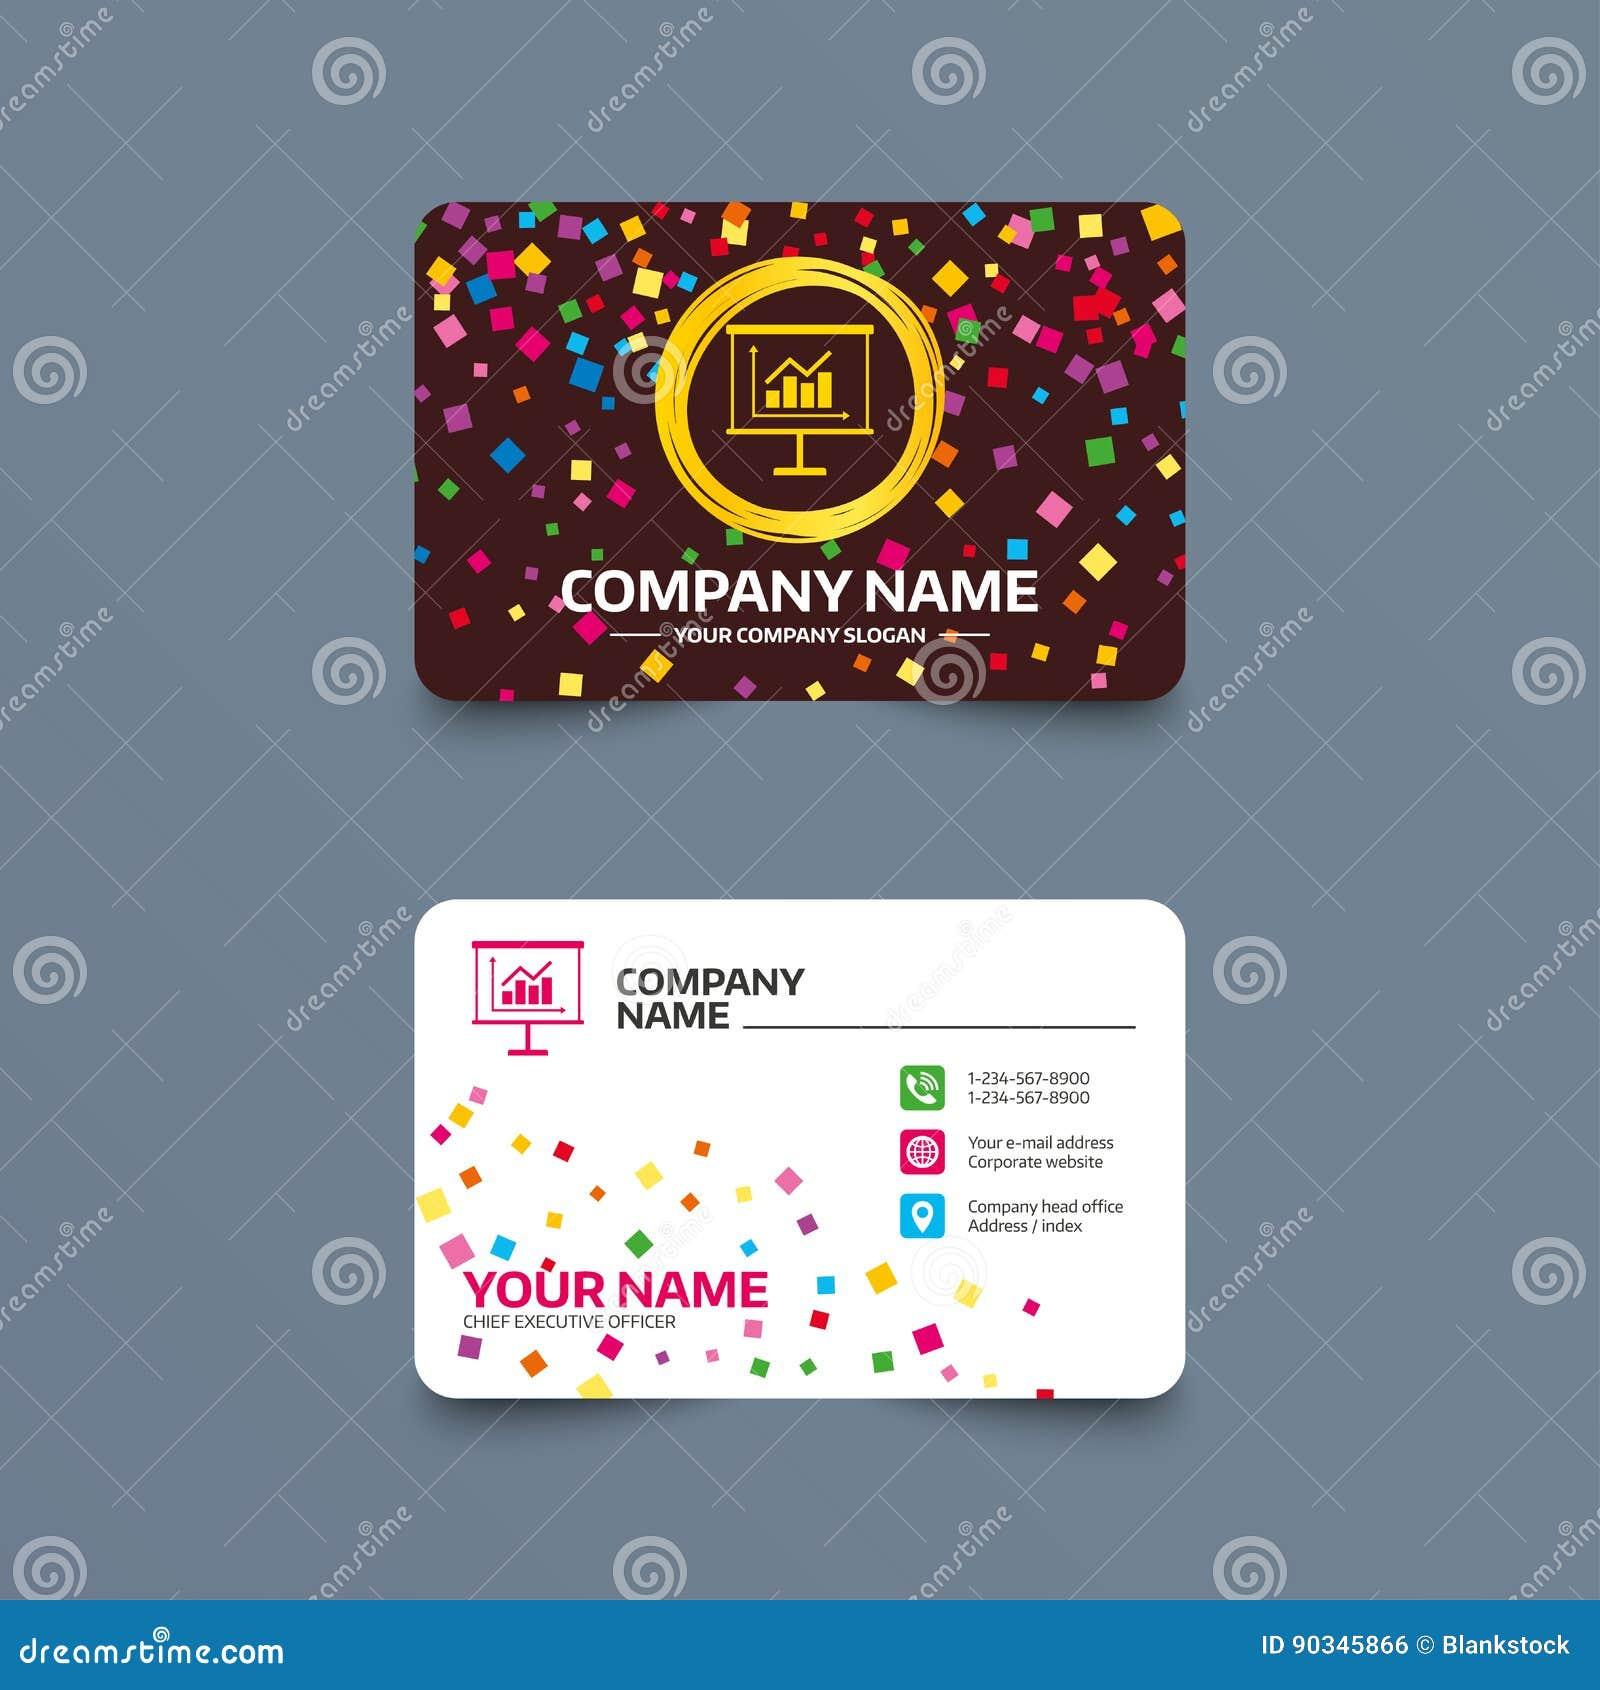 Calibre De Carte Visite Professionnelle Avec Des Morceaux Confettis Icne Signe Panneau Daffichage Prsentation Symbole Plan Et